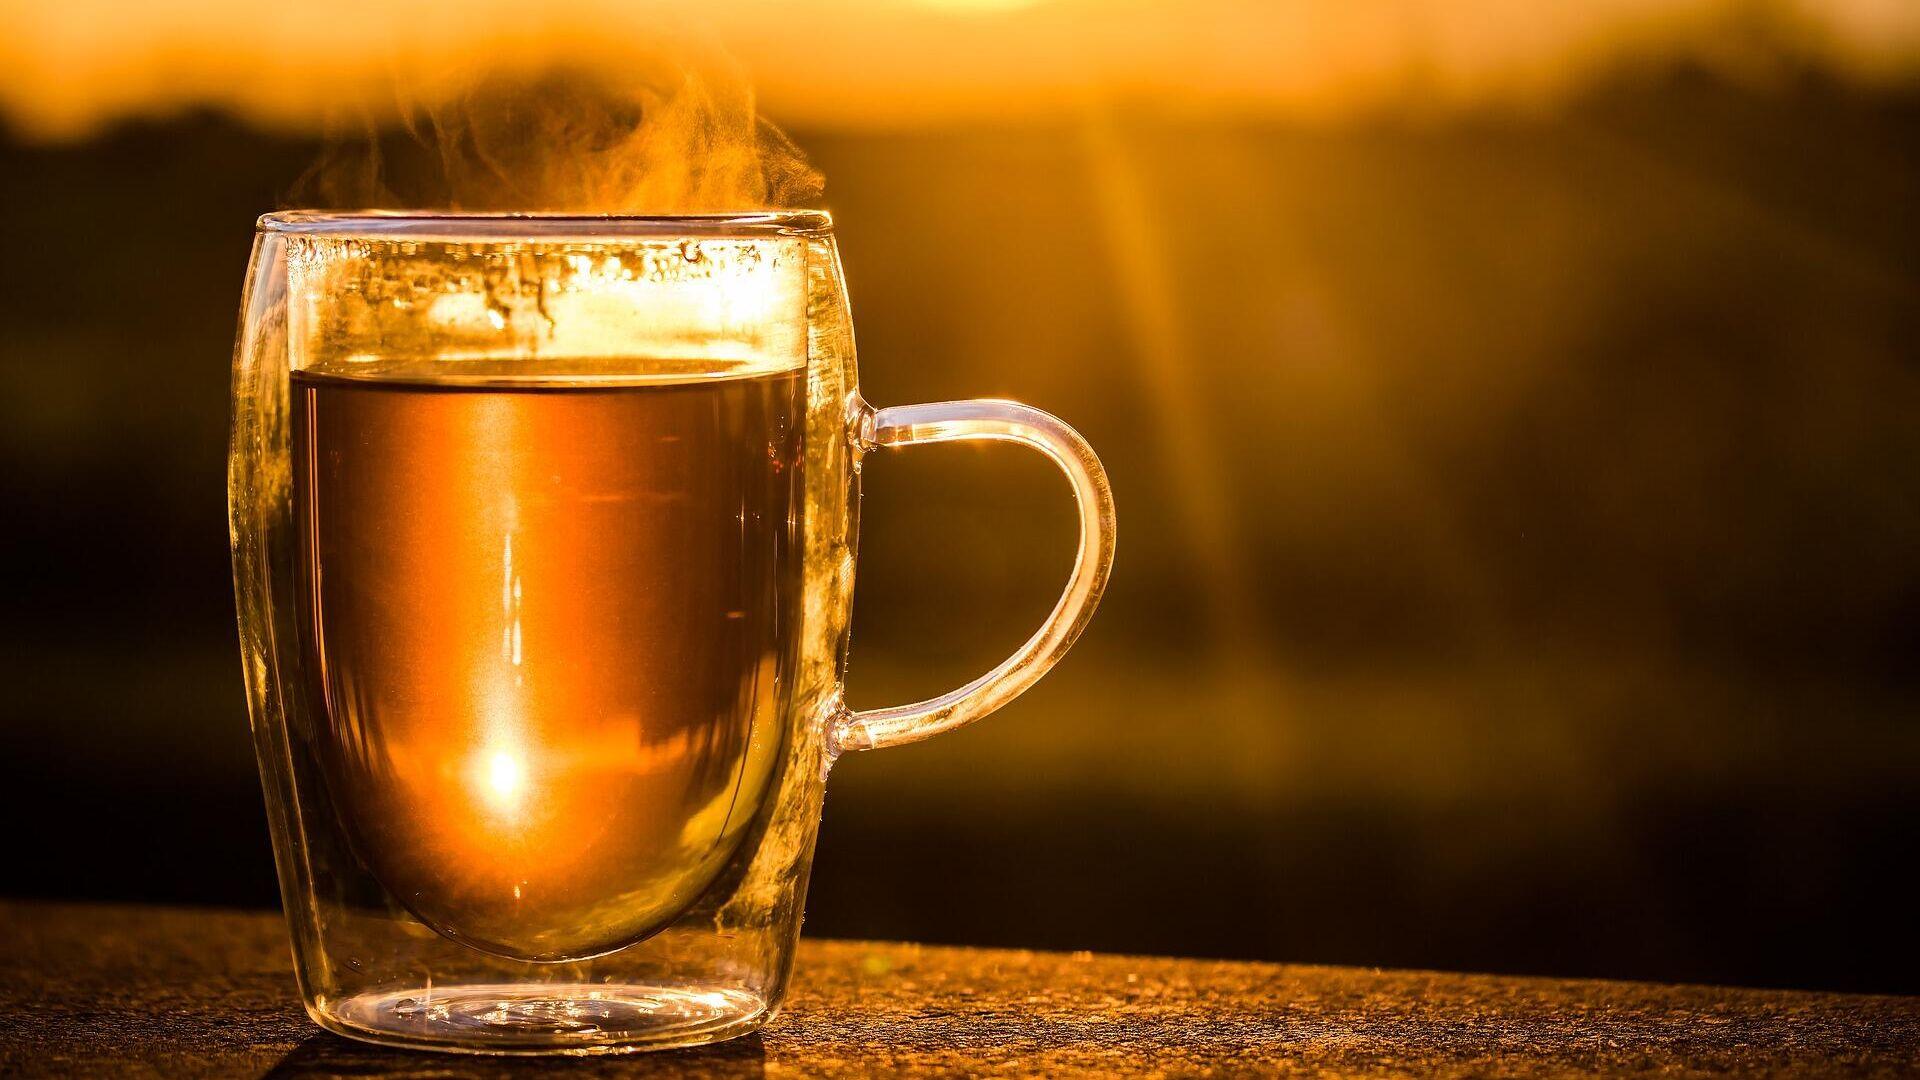 Una taza de té caliente - Sputnik Mundo, 1920, 18.05.2021